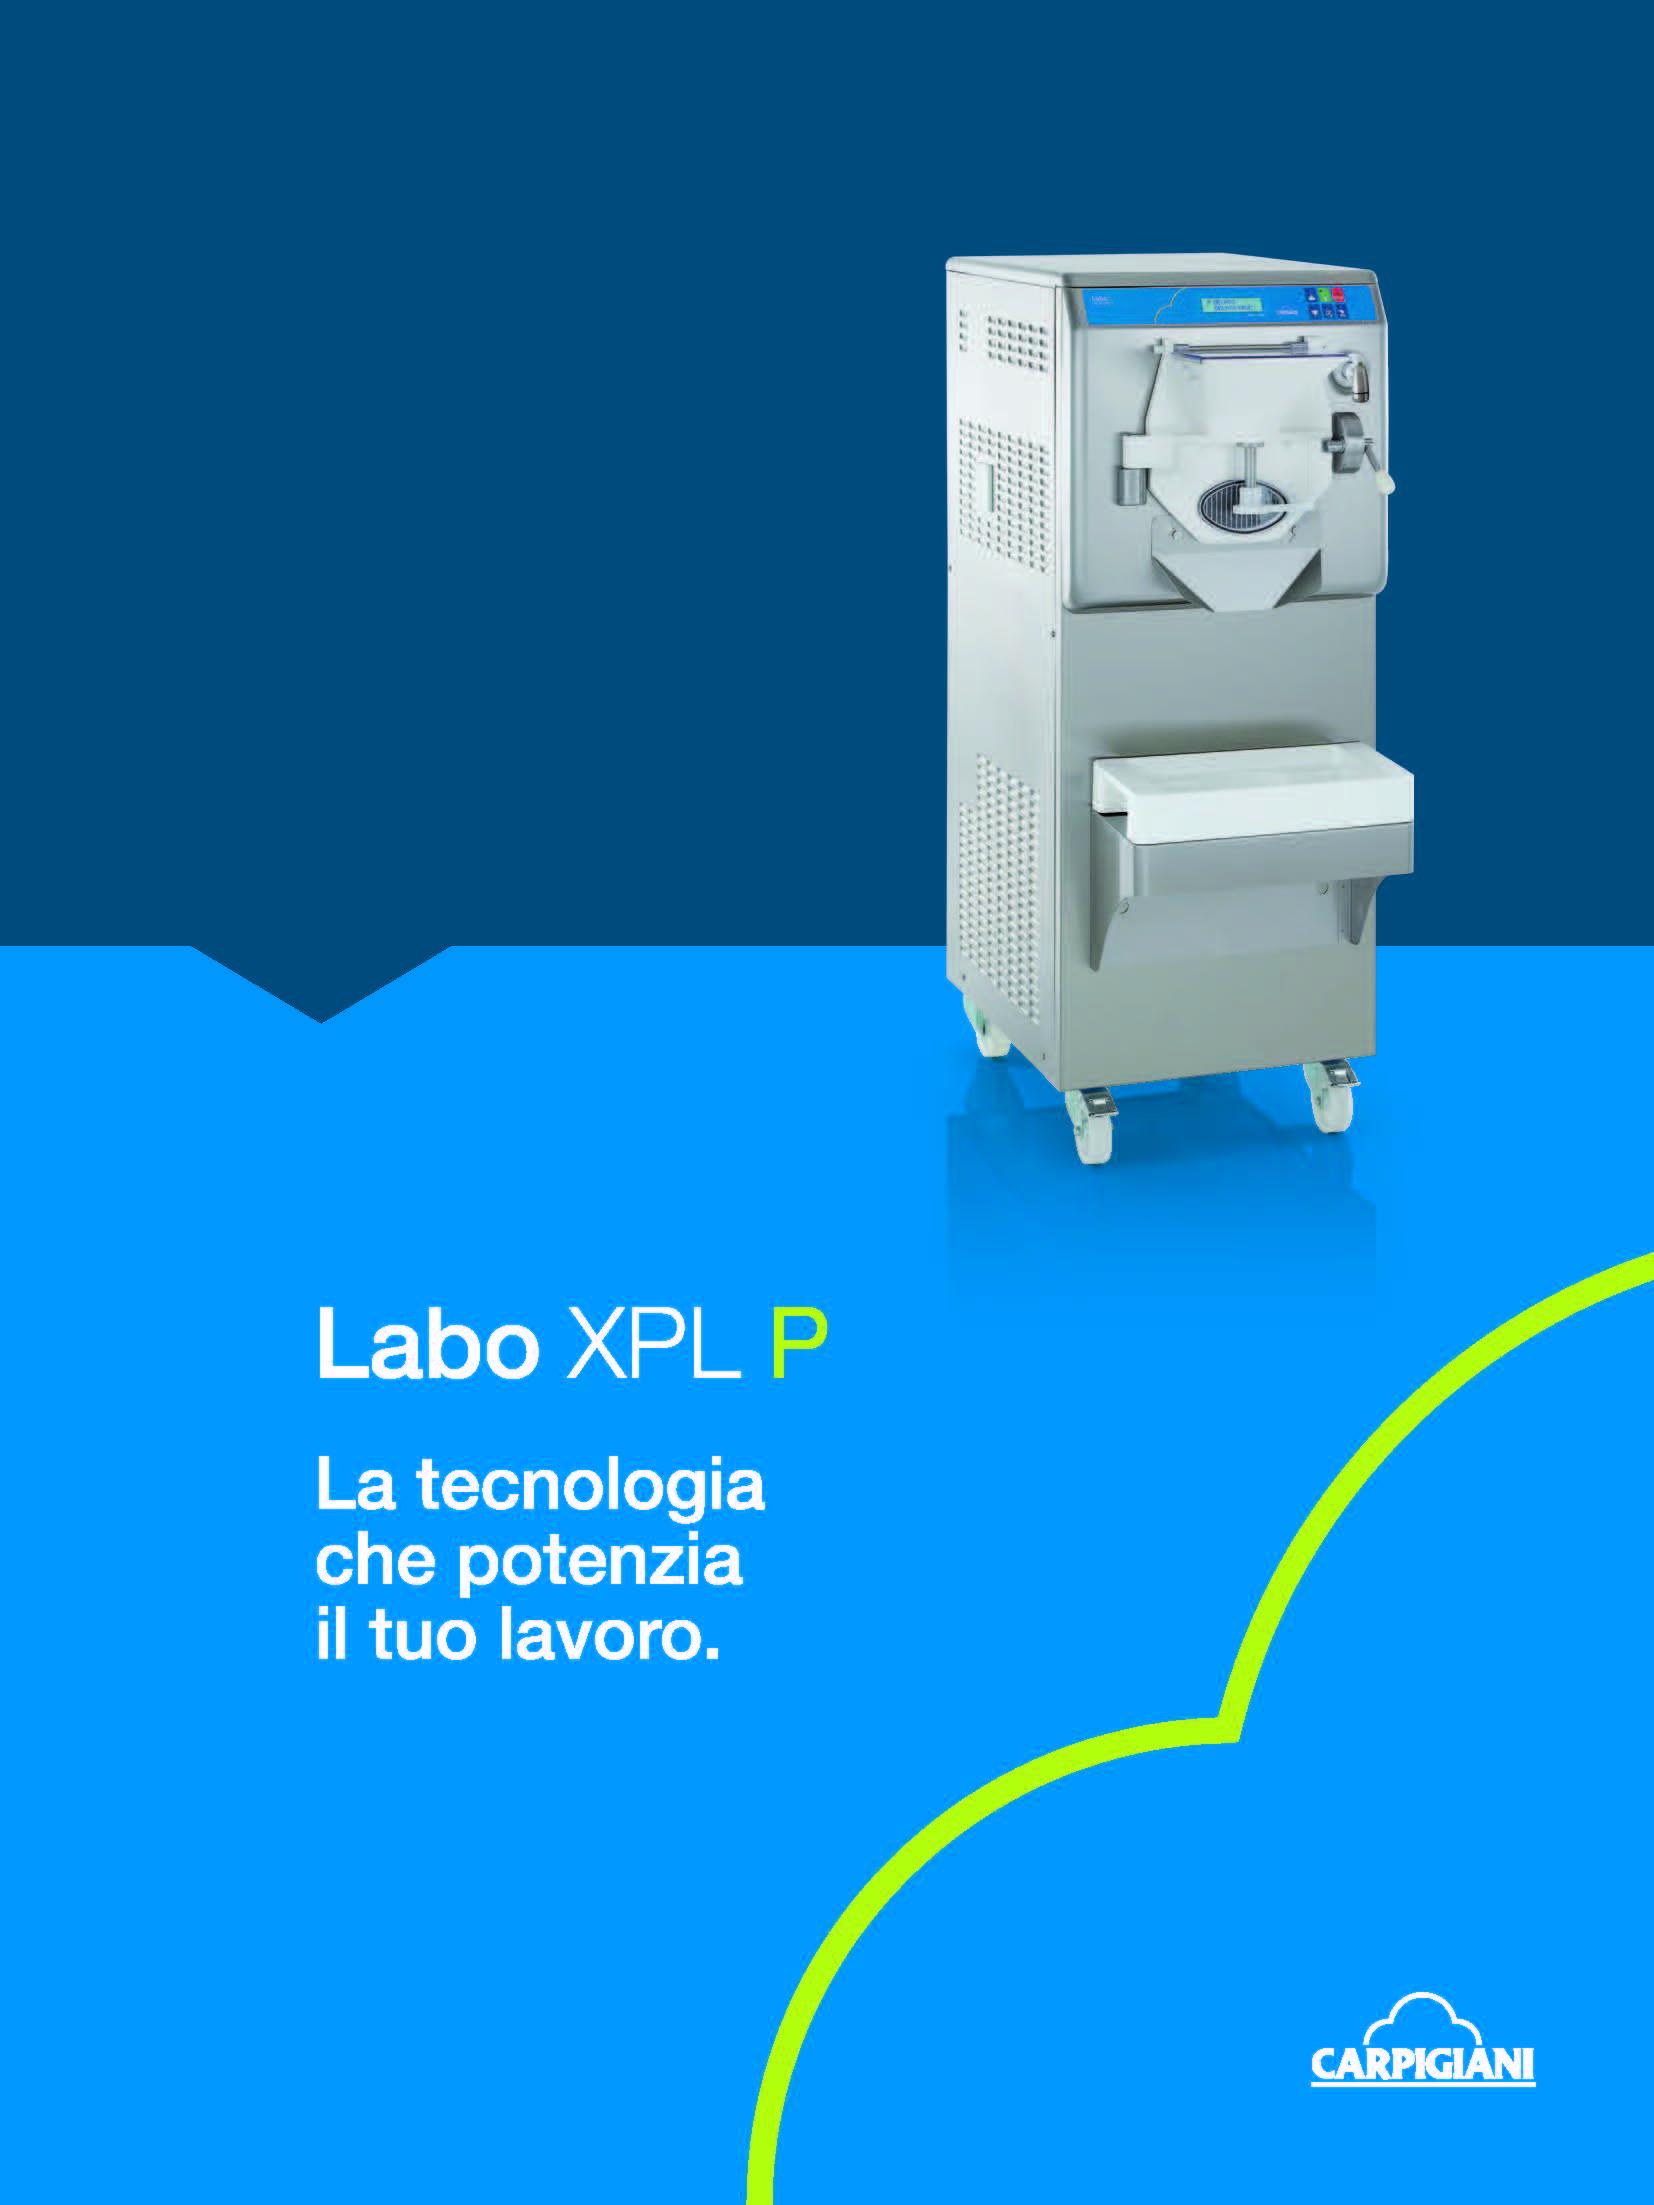 Carpigiani – Labo XPL P12